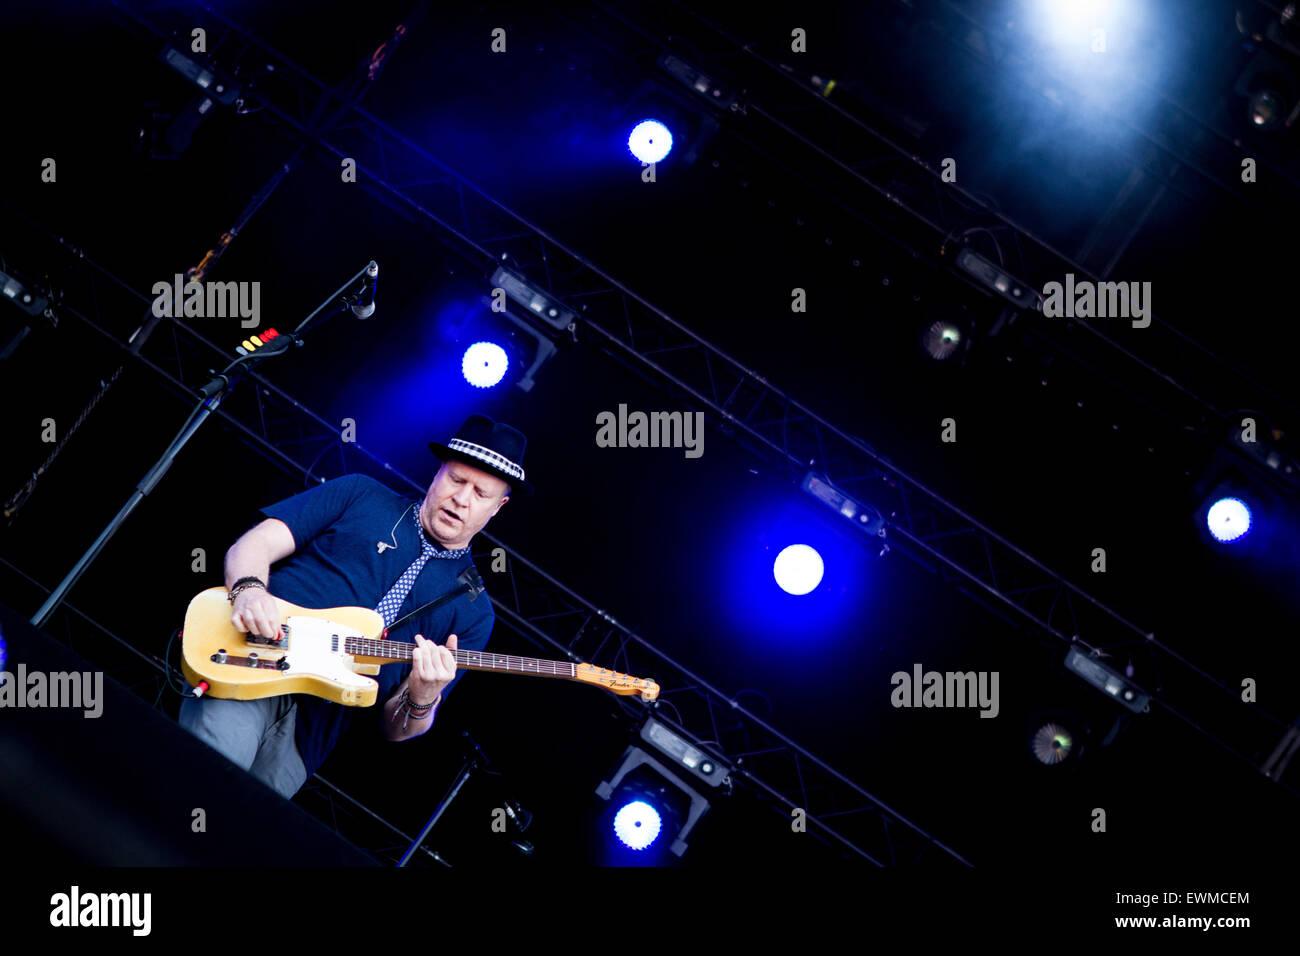 David Bryson de la banda estadounidense de rock alternativo